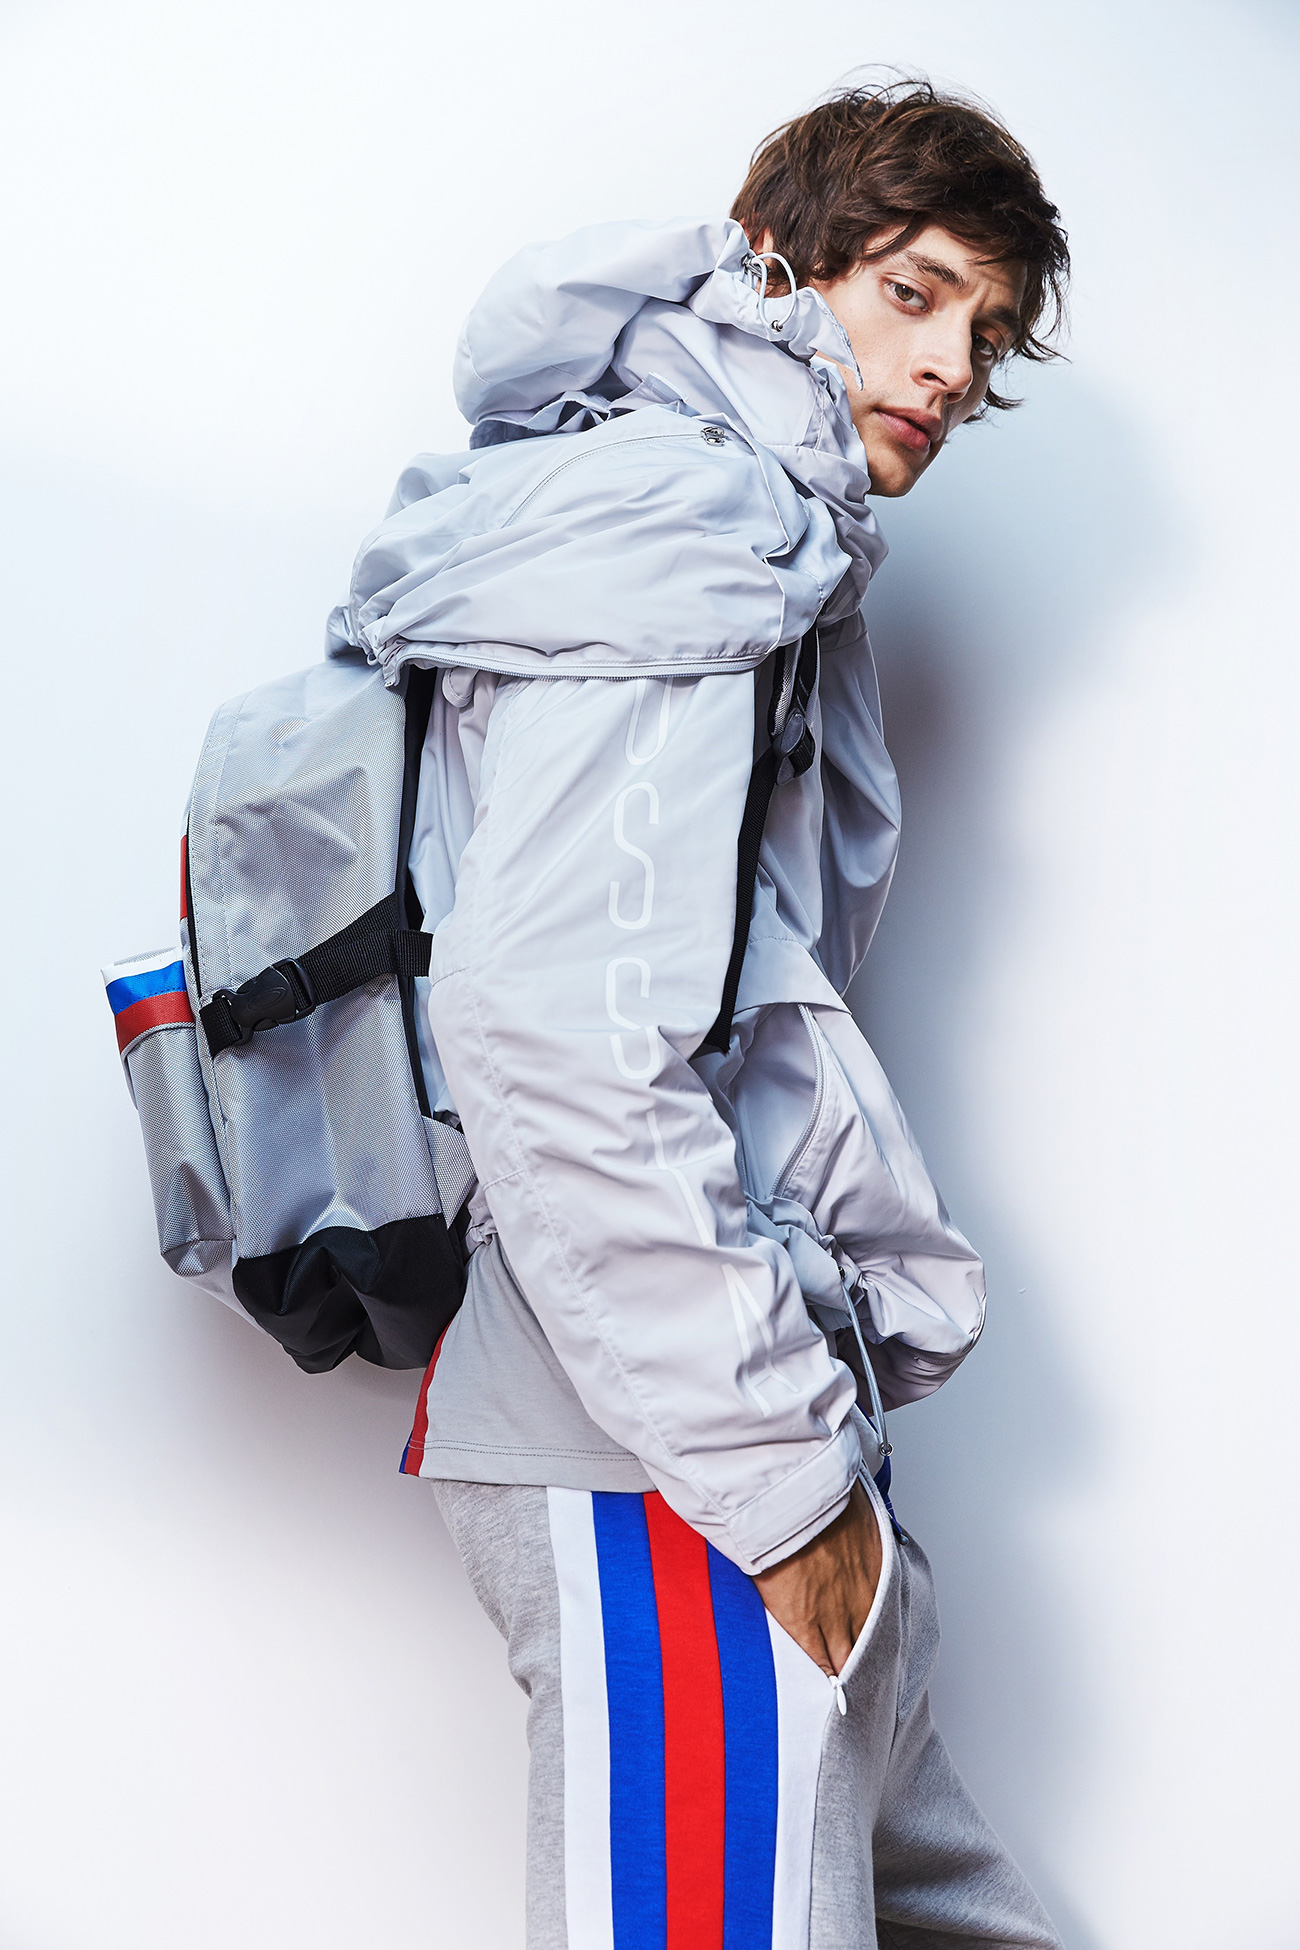 Os estilistas também realizaram diversas consultas com os atletas para avaliar a qualidade e conforto dos novos uniformes.